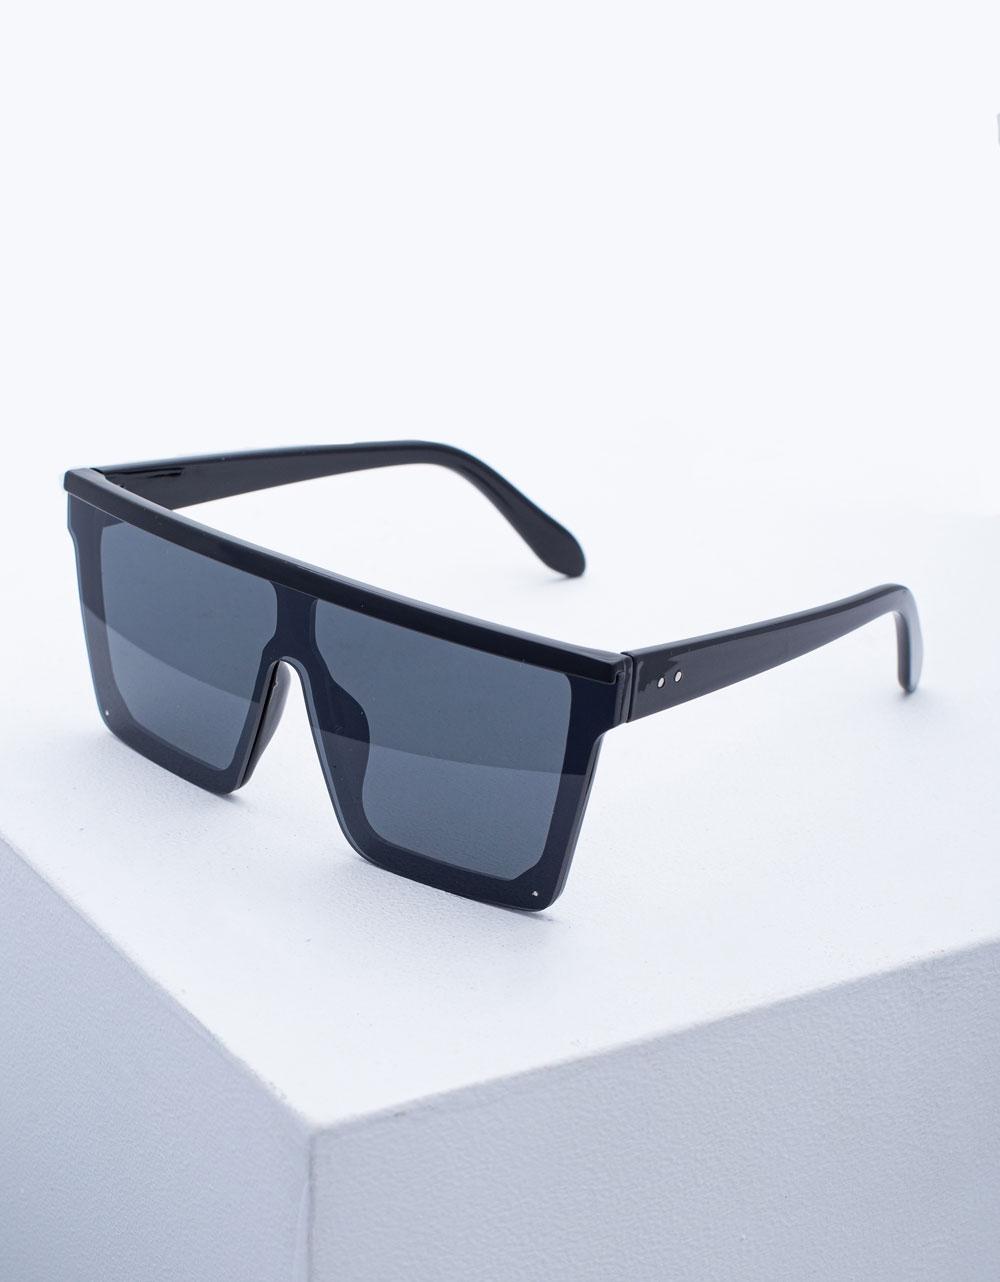 Εικόνα από Γυναικεία γυαλιά ηλίου oversized Μαύρο